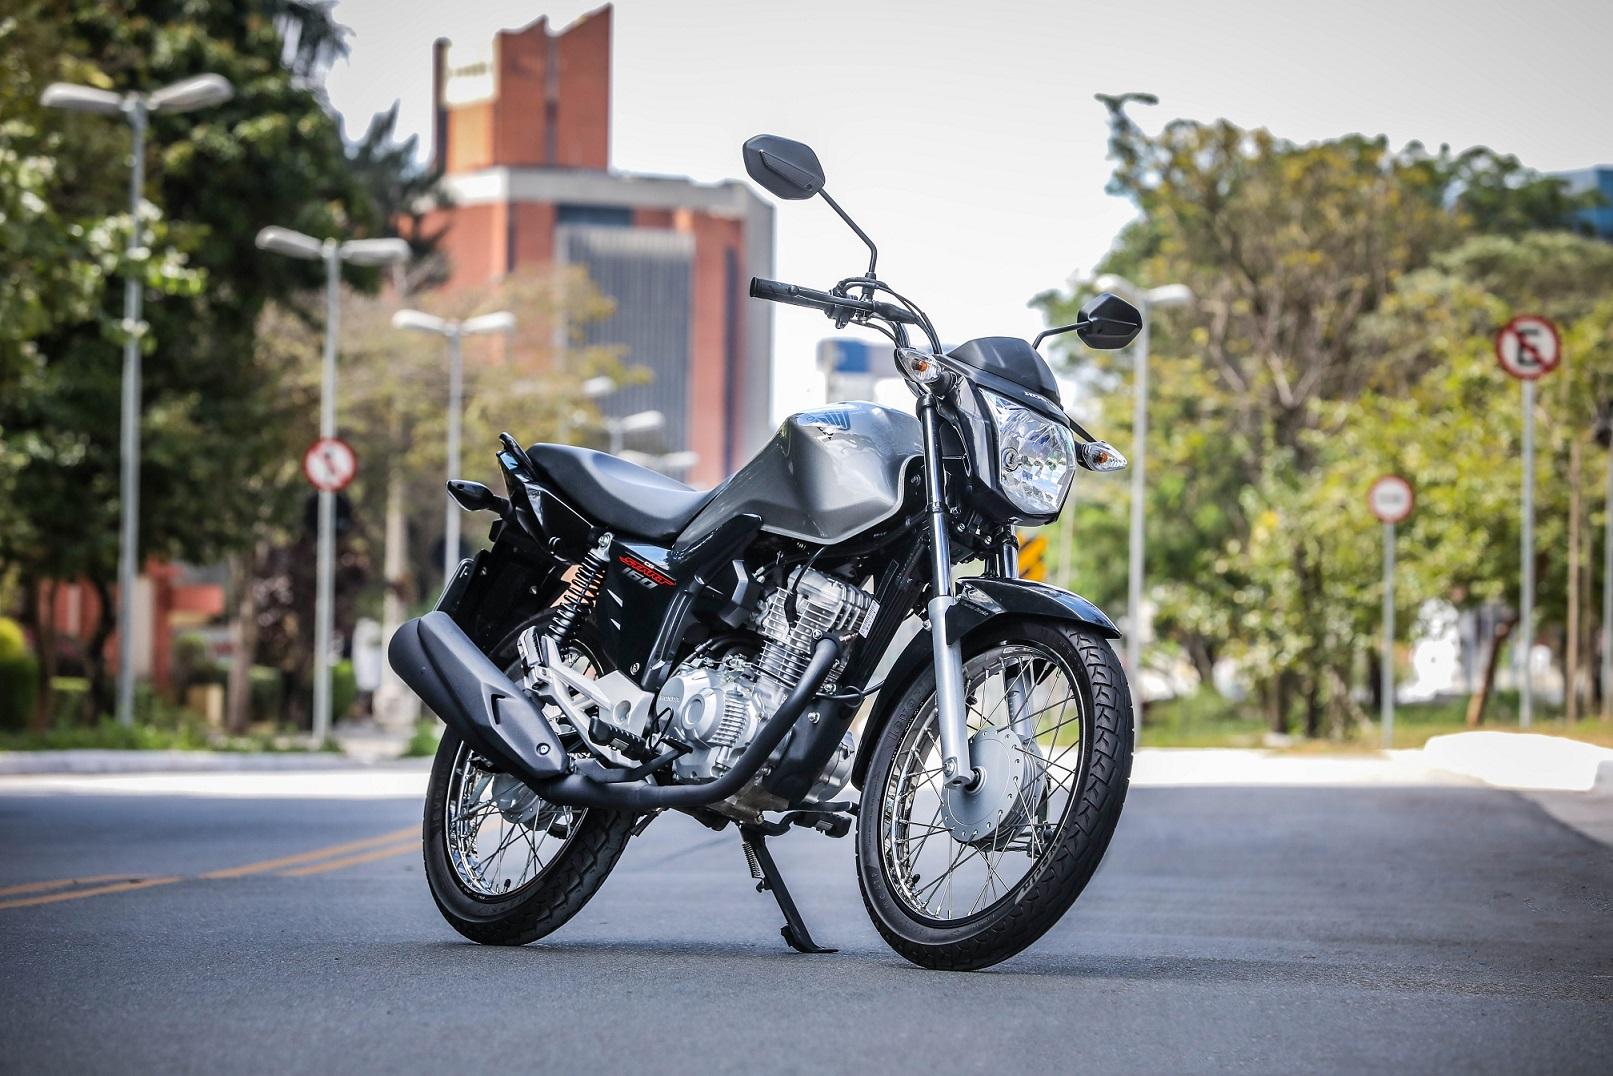 5. Honda Cg 160 Start